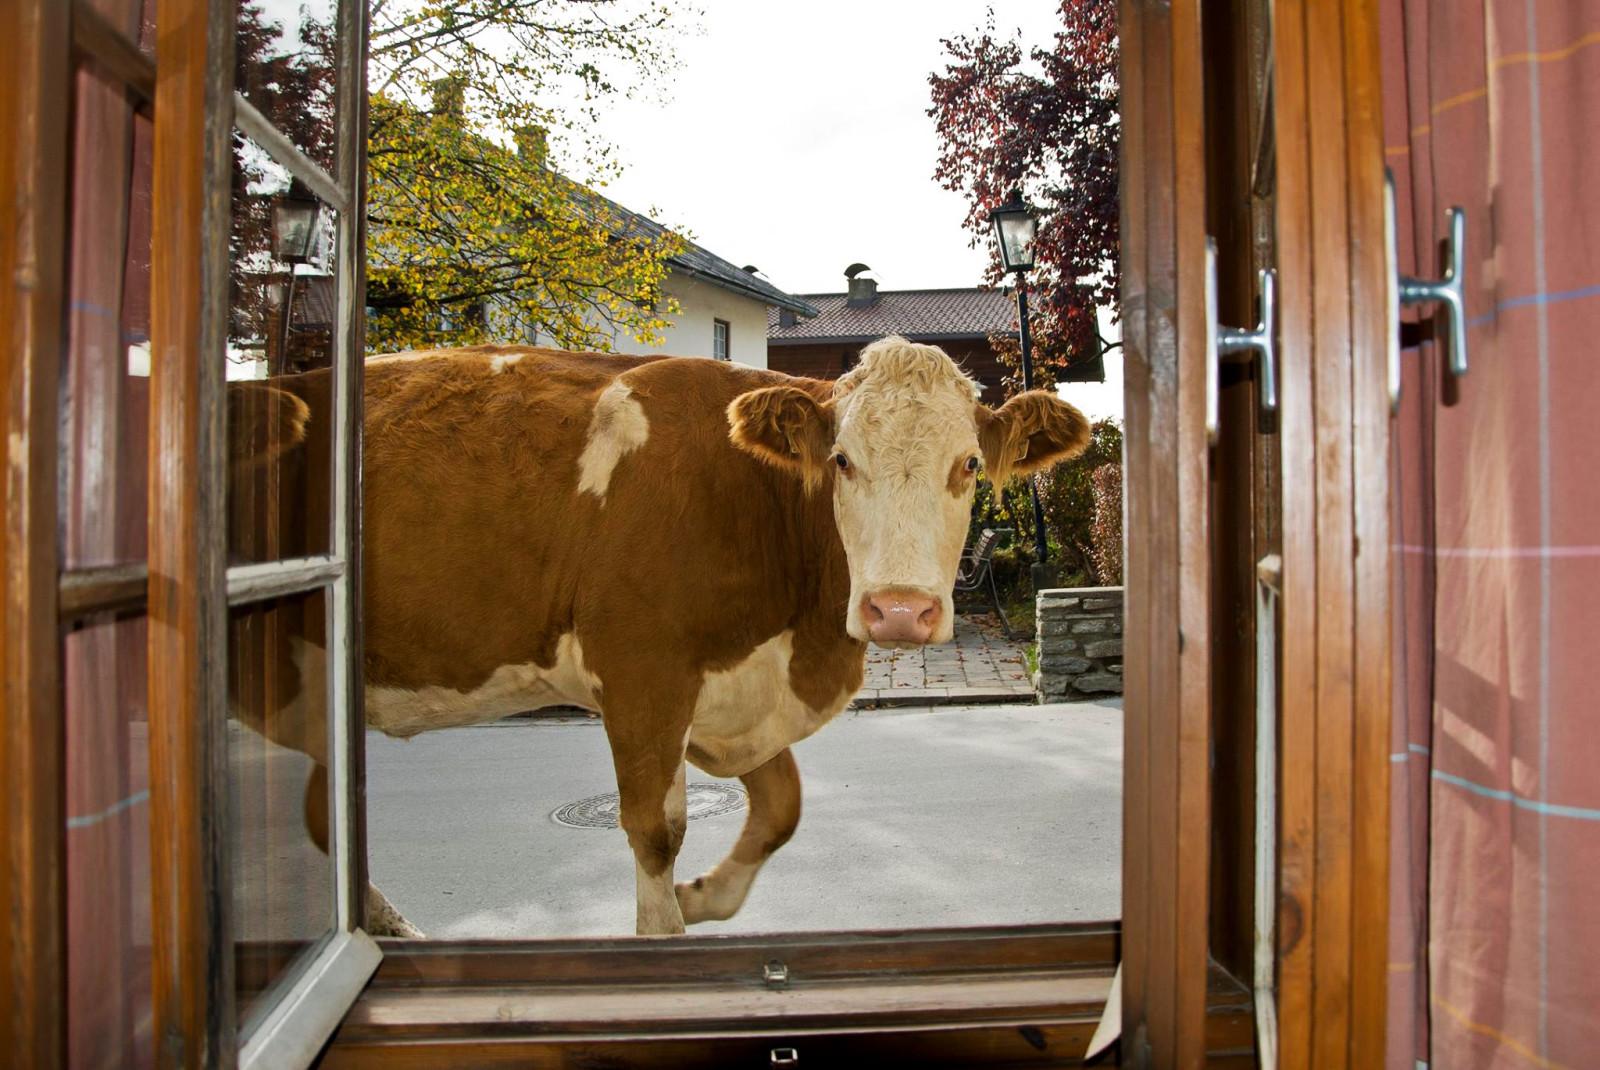 Auch die Kühe schauen auf ihrem täglichen Weg zum Stall beim wohnZimma vorbei.